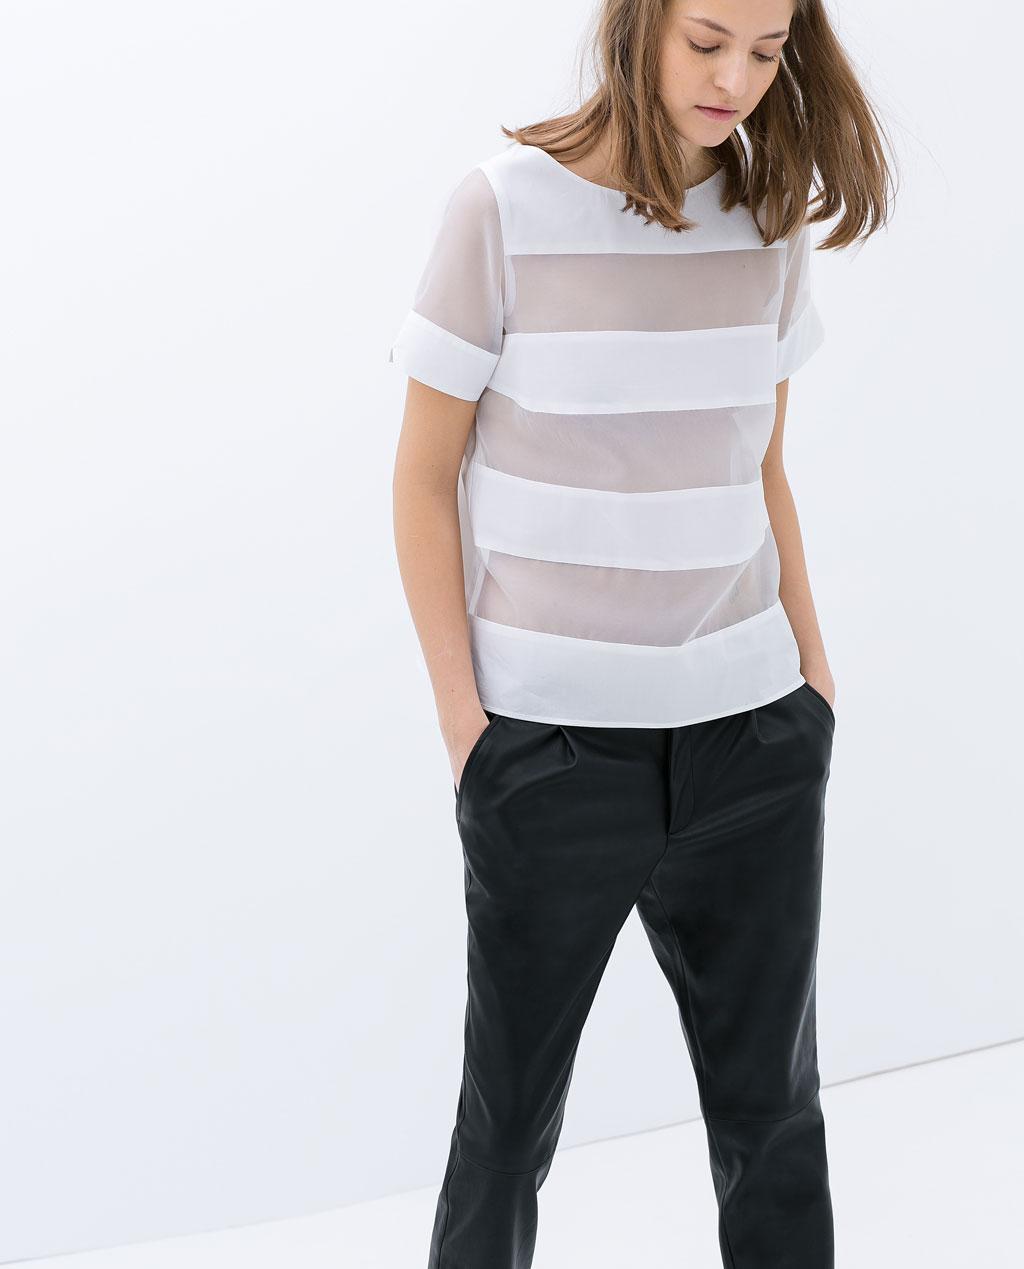 Zara White Cotton Blouse 7